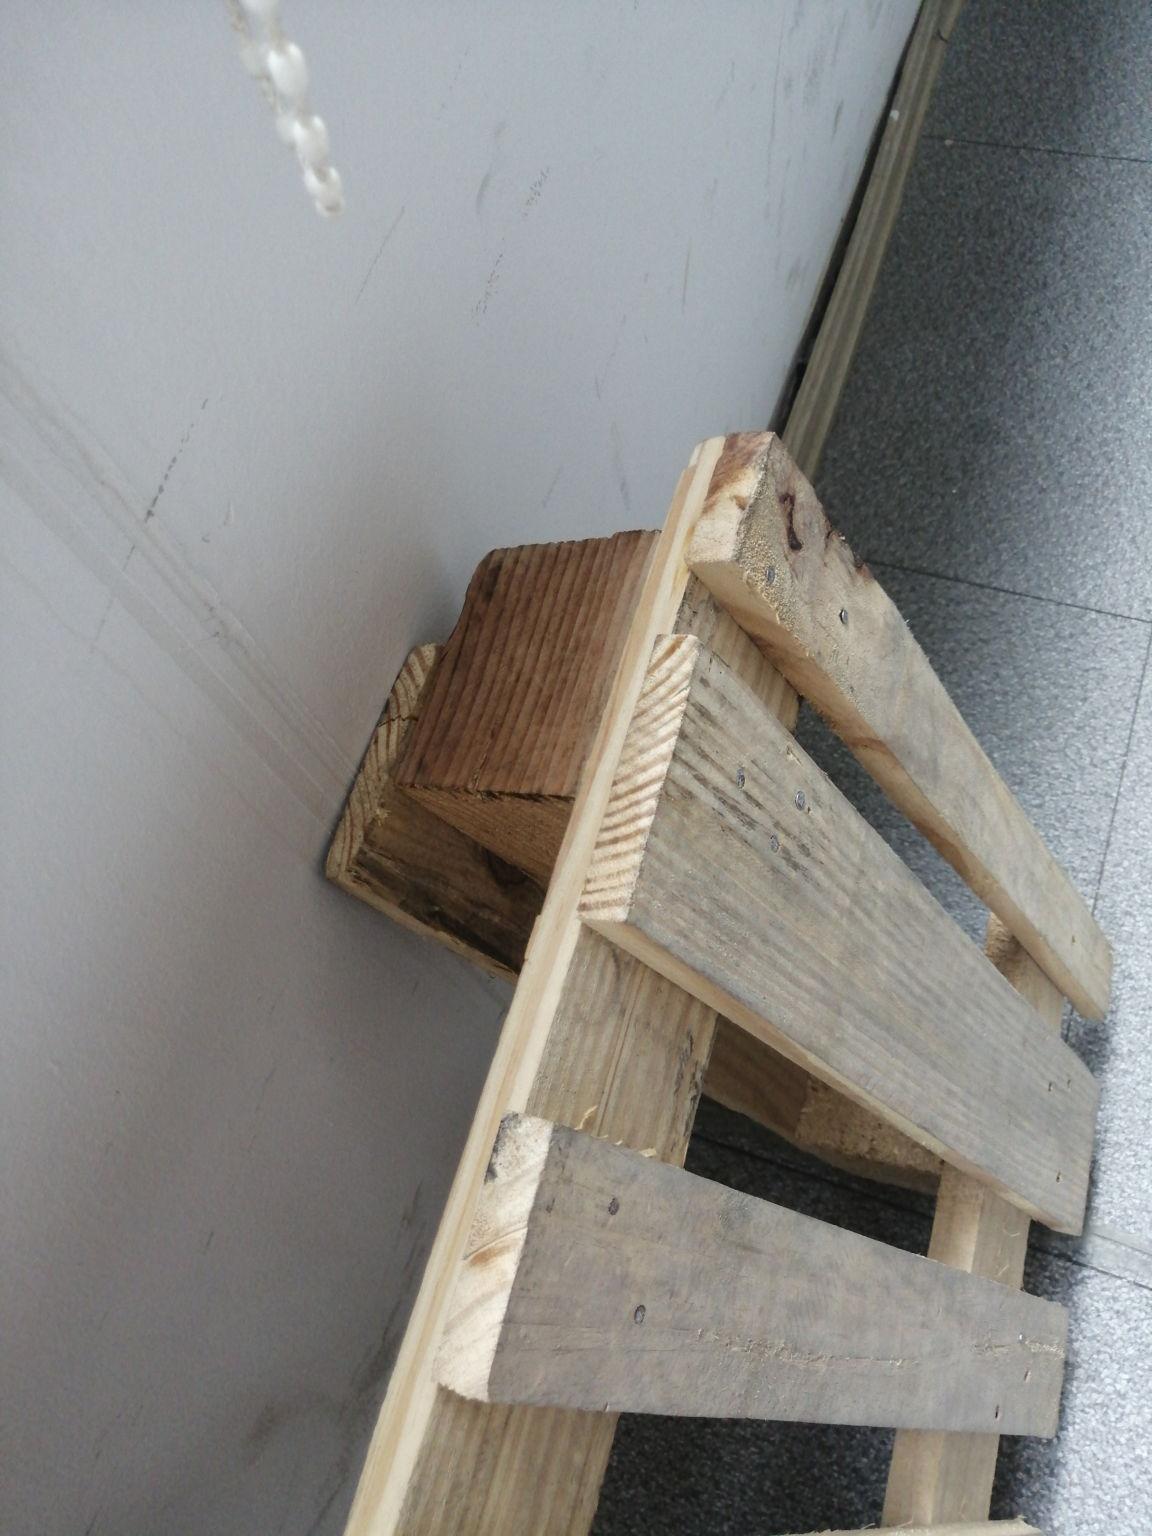 江苏专门单面木托盘厂家中道天成是一家??,ⓐ╆√┲得信赖的单面